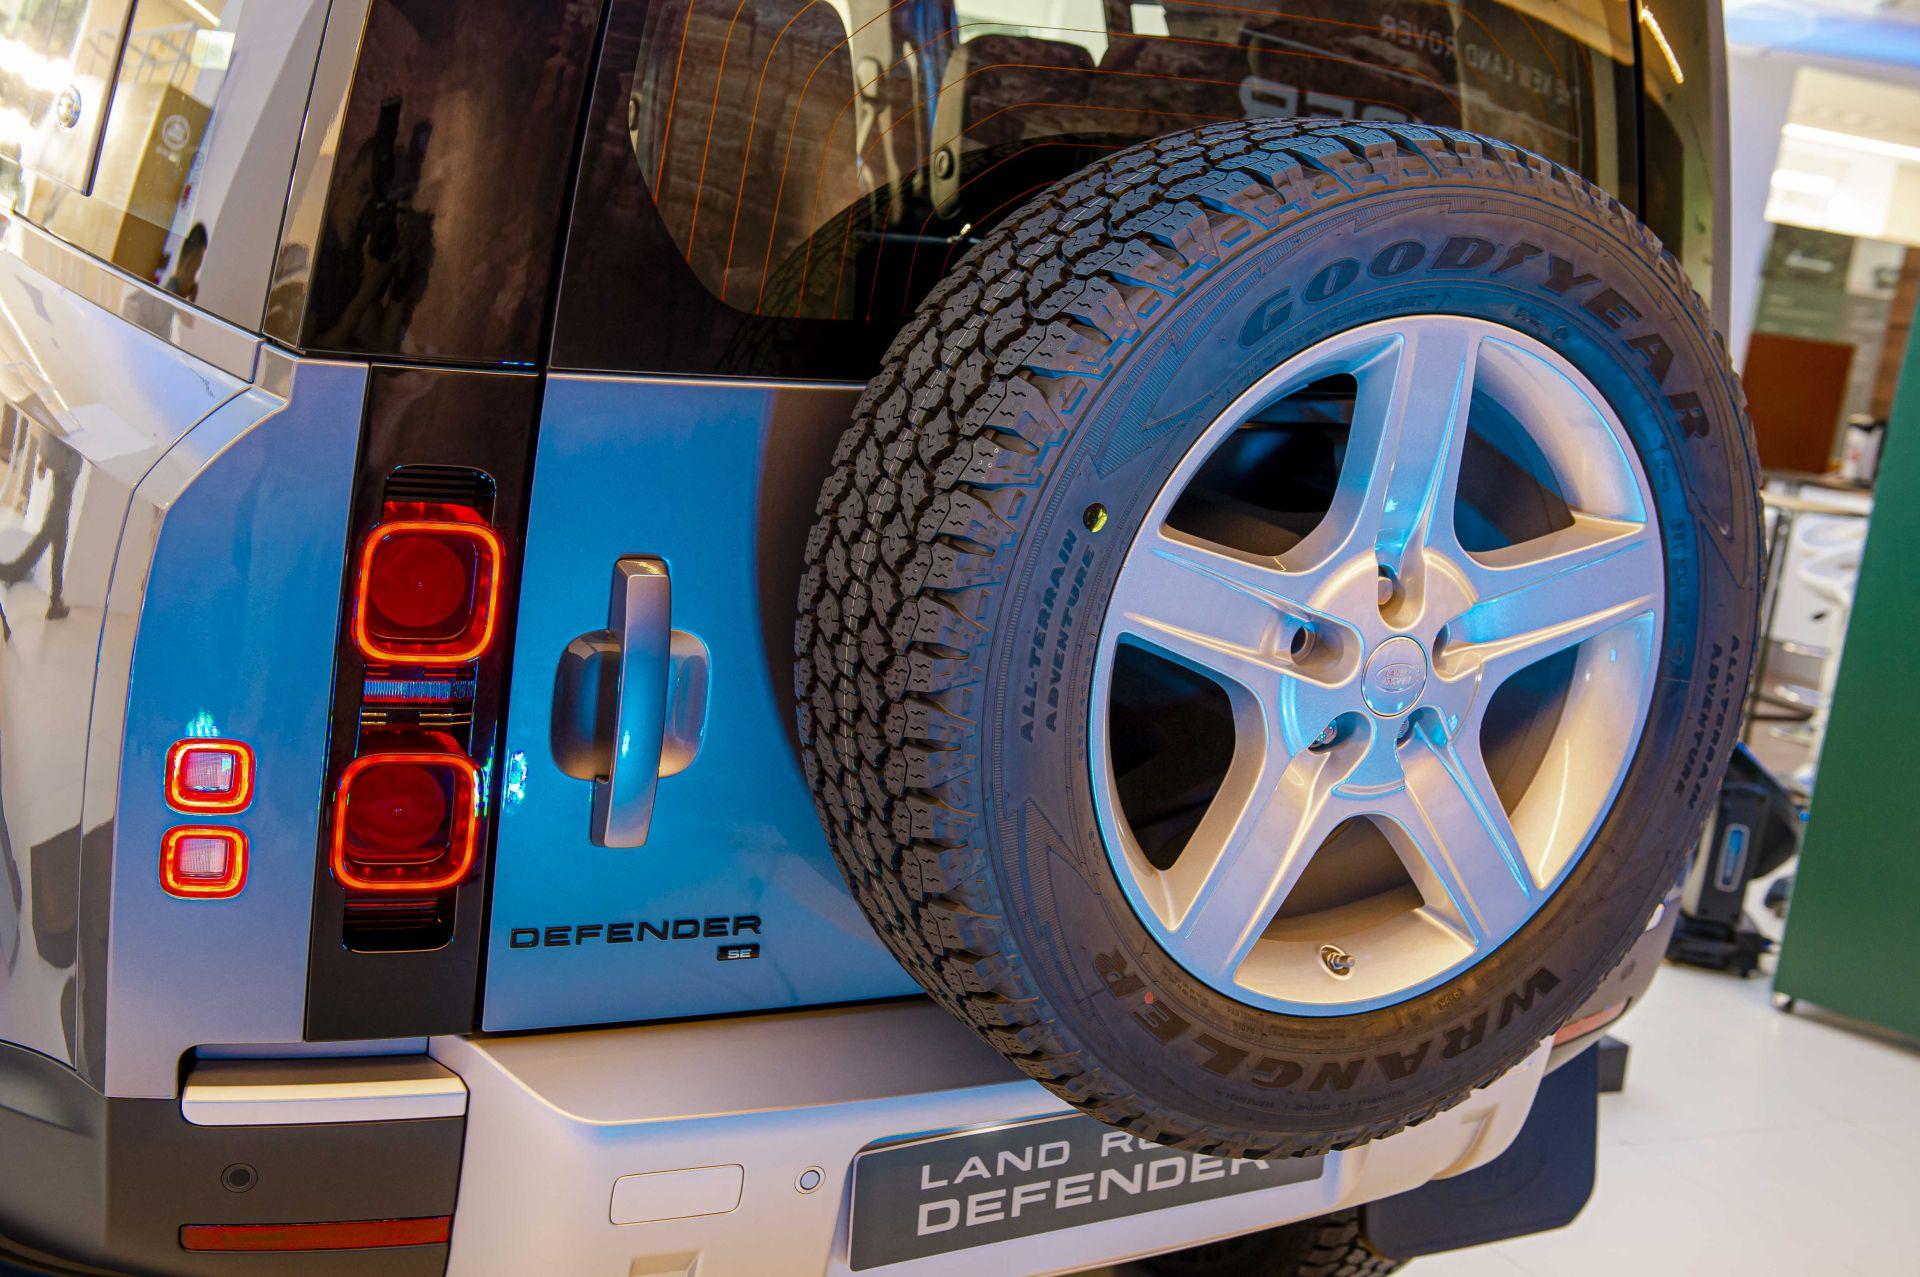 Cận cảnh Land Rover Defender 2020 vừa ra mắt tại đại lý ở Hà Nội -2